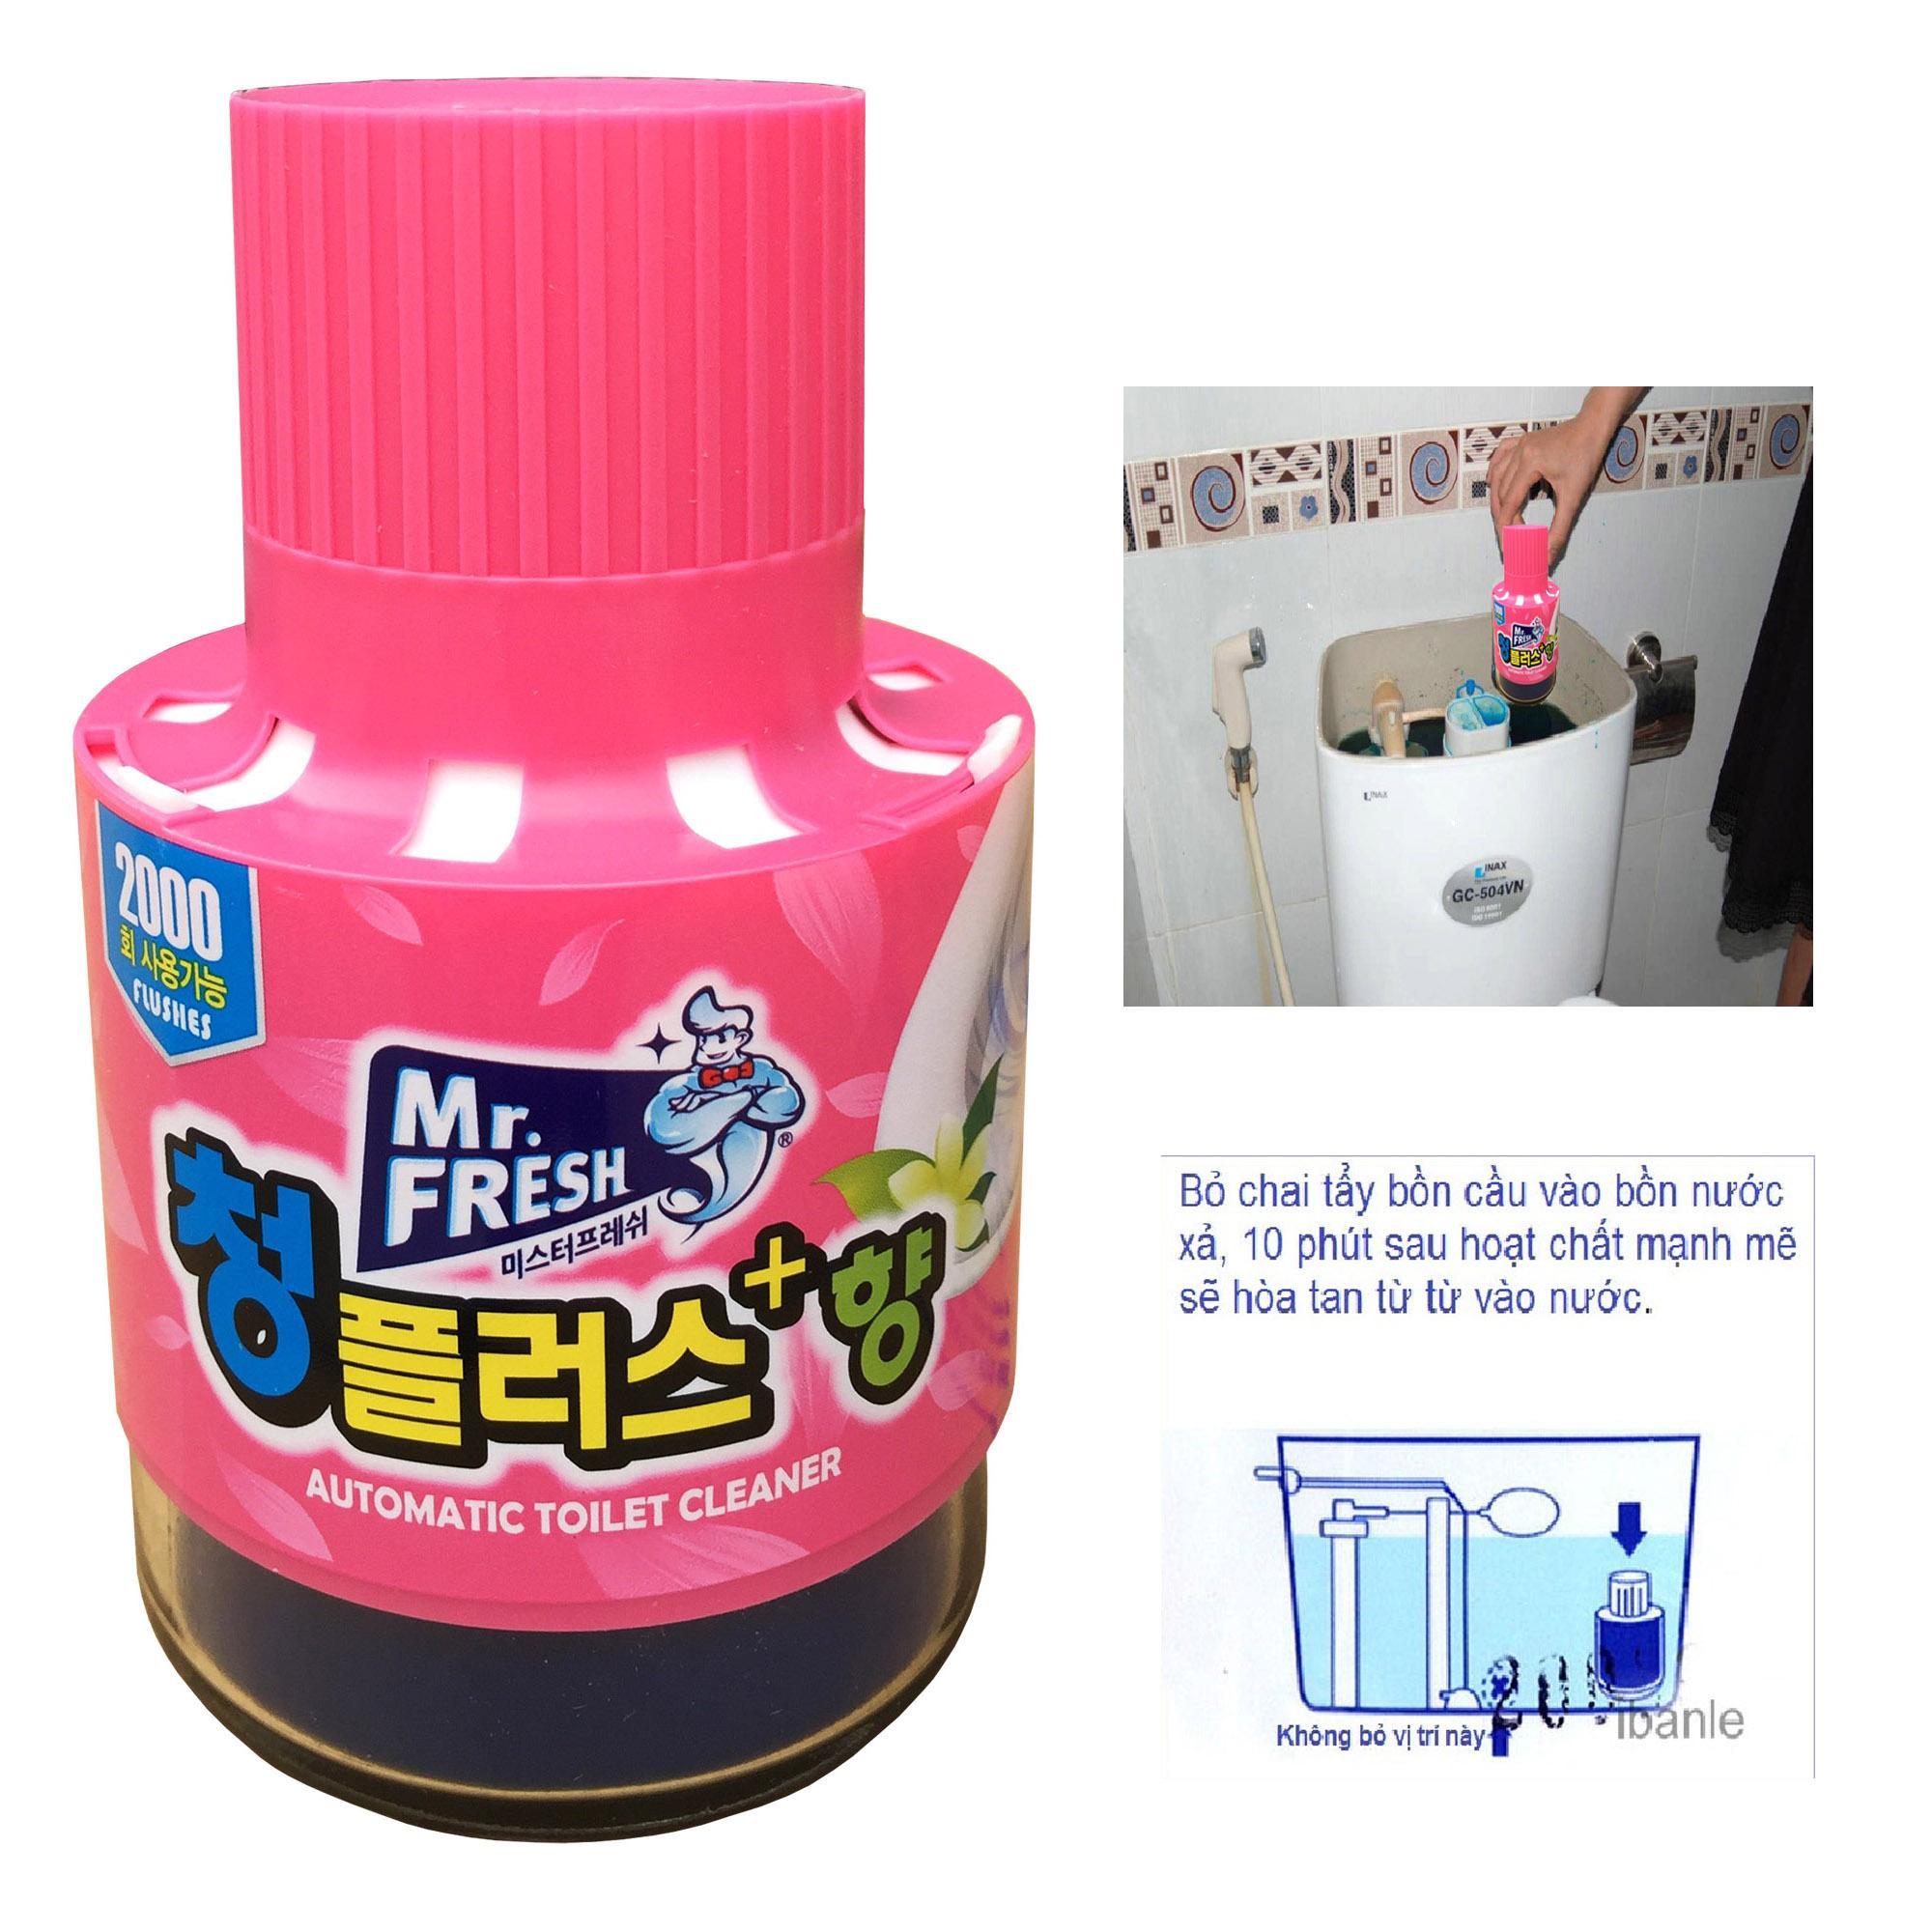 Chai thả bồn cầu tự động làm sạch diệt khuẩn và làm thơm Mr.Fresh Hương Ly TI872